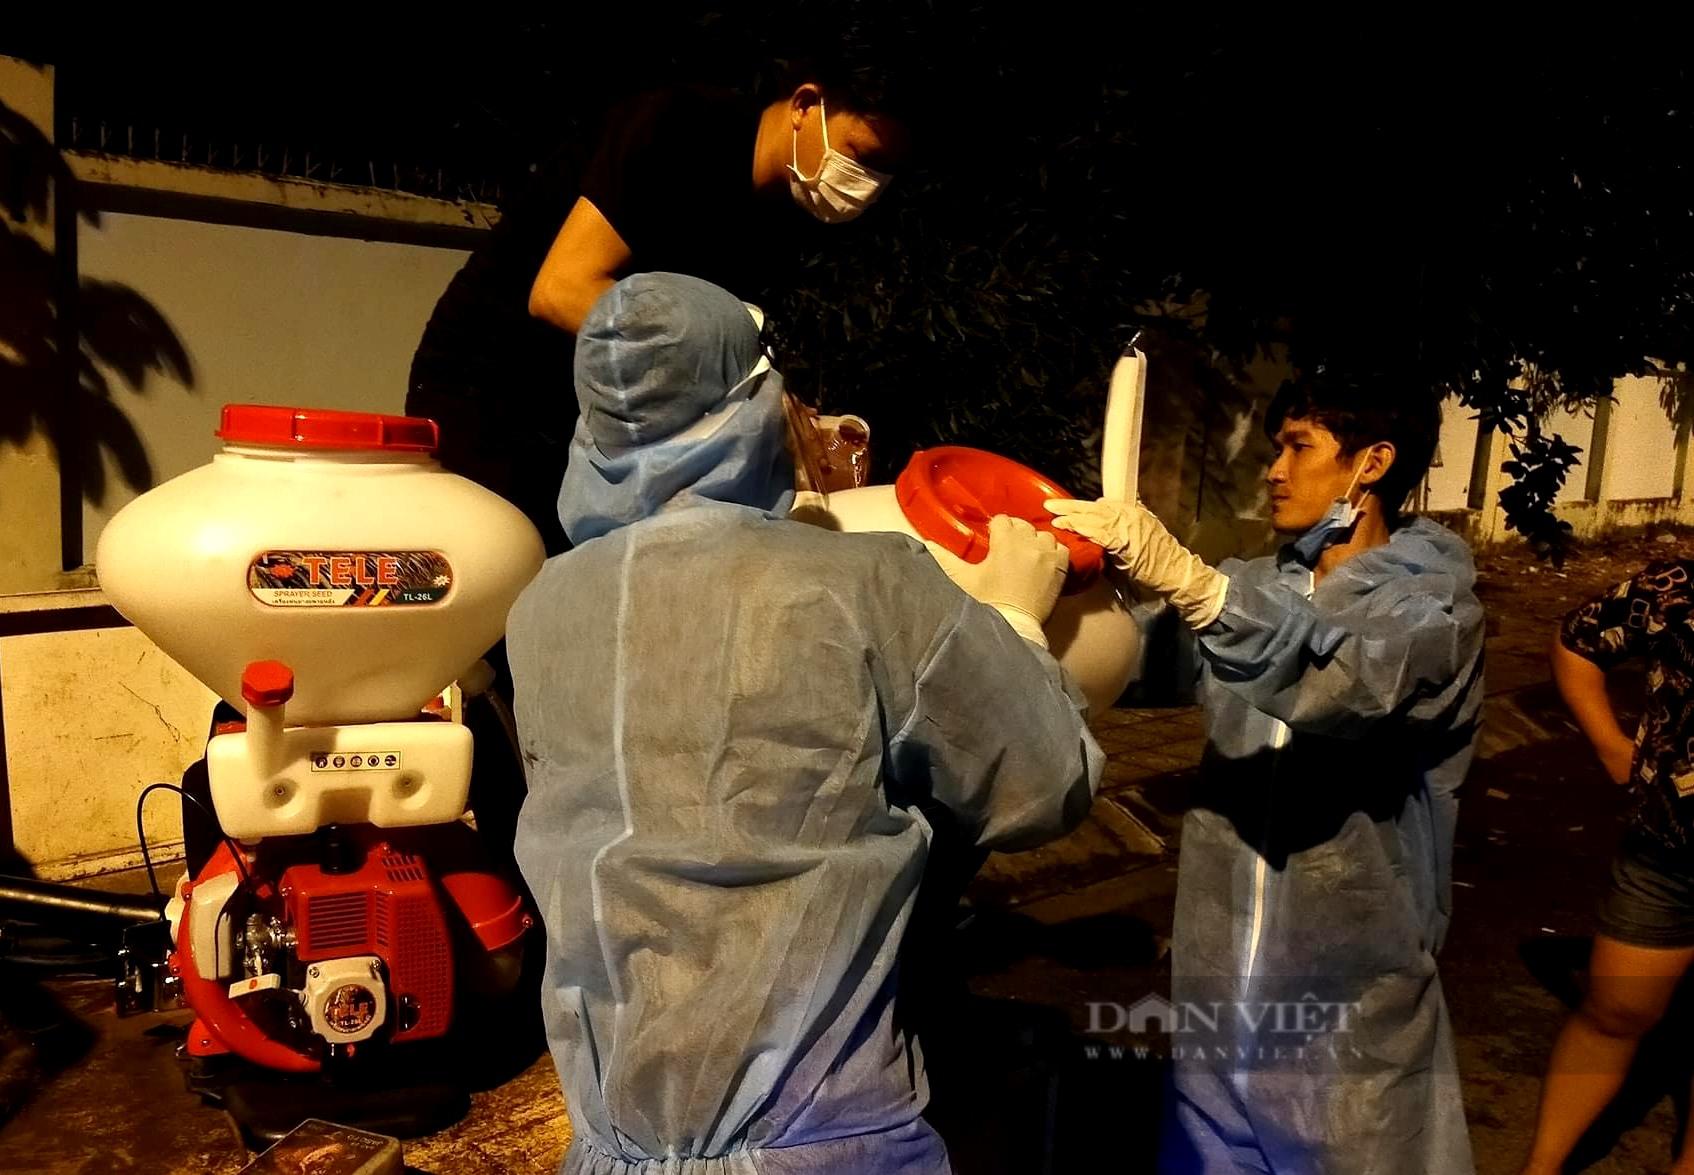 """Đội nông dân """"bao đồng"""" xông pha ổ dịch Covid-19 để khử khuẩn miễn phí - Ảnh 3."""